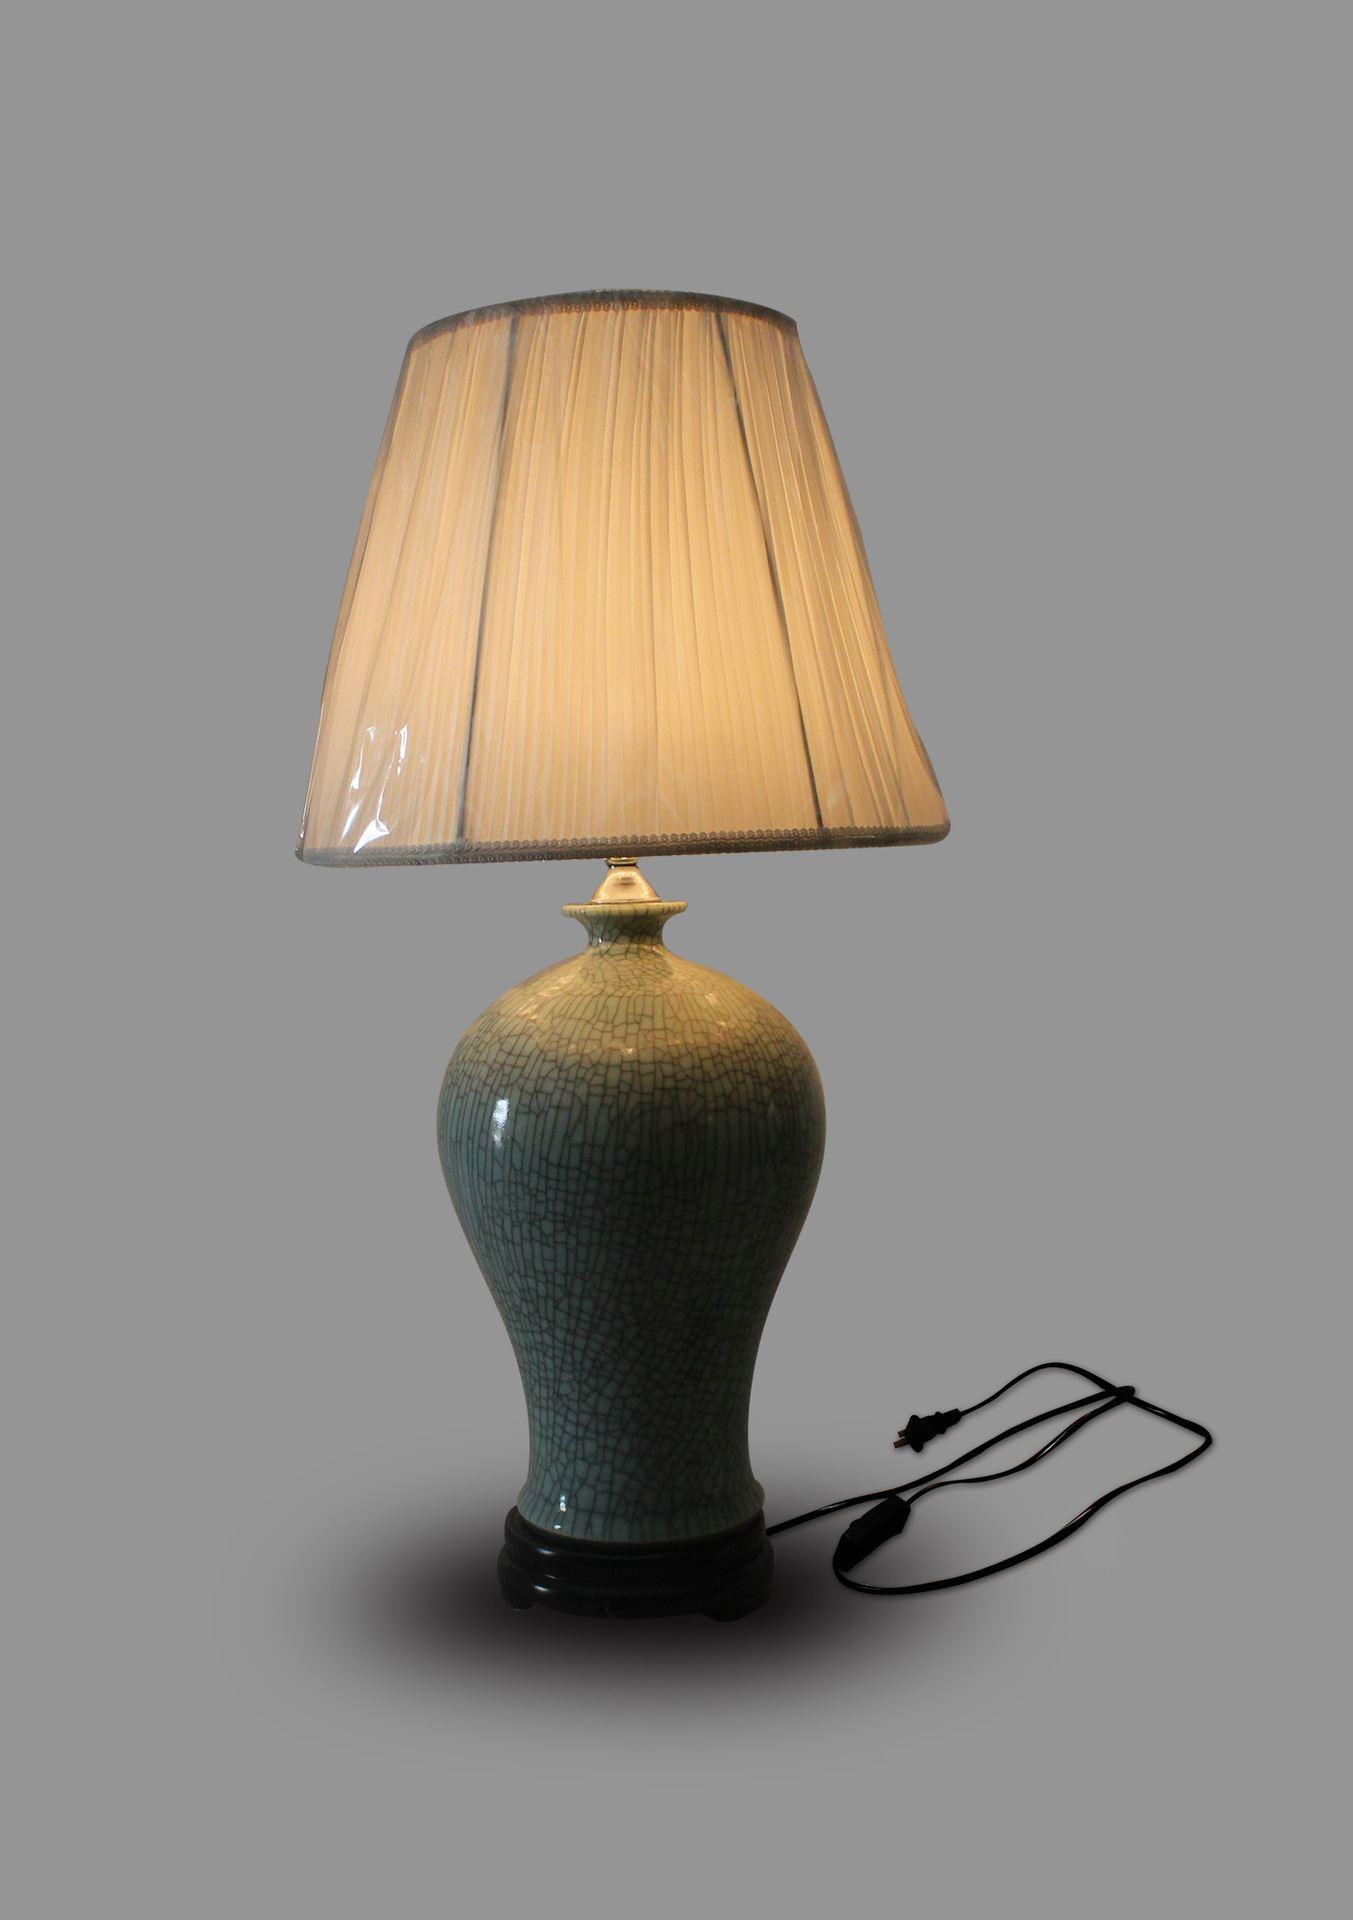 DSIF012景德镇 陶瓷 开片梅瓶 台灯 灯具 灯饰 家居摆设